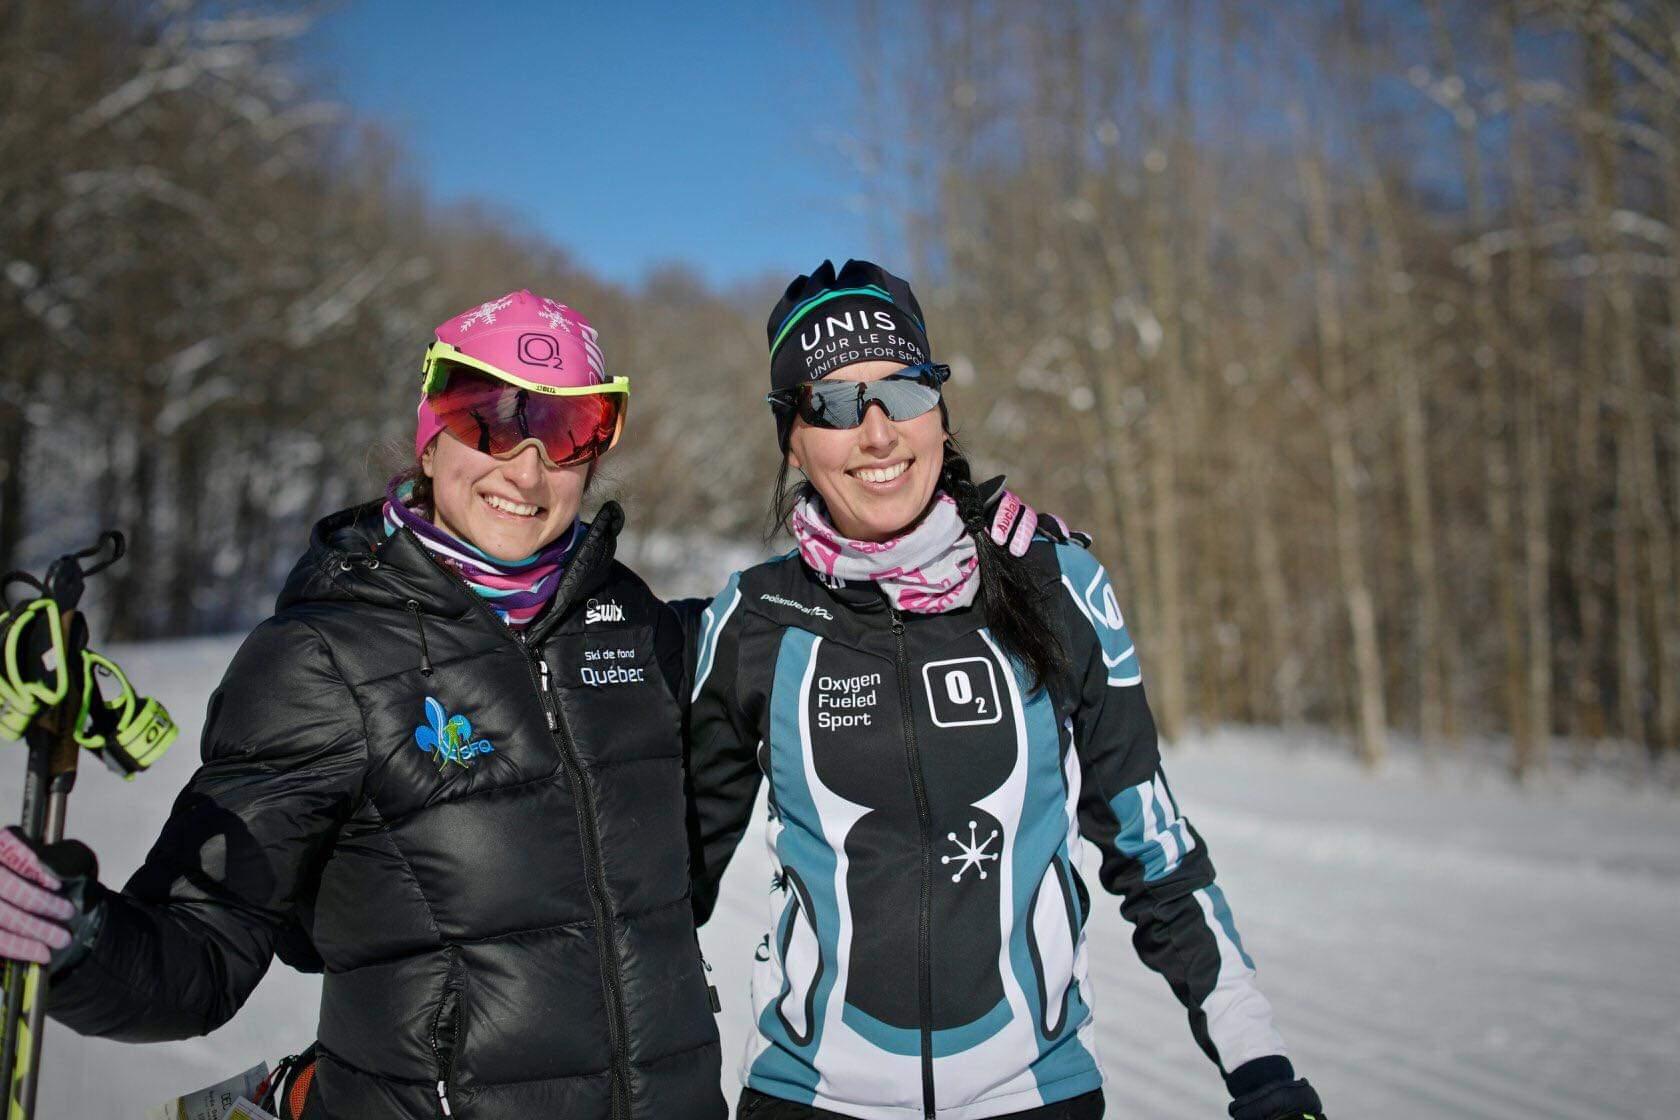 Après seulement une heure avec Sophie, j'ai enfin l'impression que je glisse sur mes skis comme une pro! Je n'aurais jamais pensé que quelques conseils d'une skieuse expérimentée feraient une si grande différence! - Marika, cliente